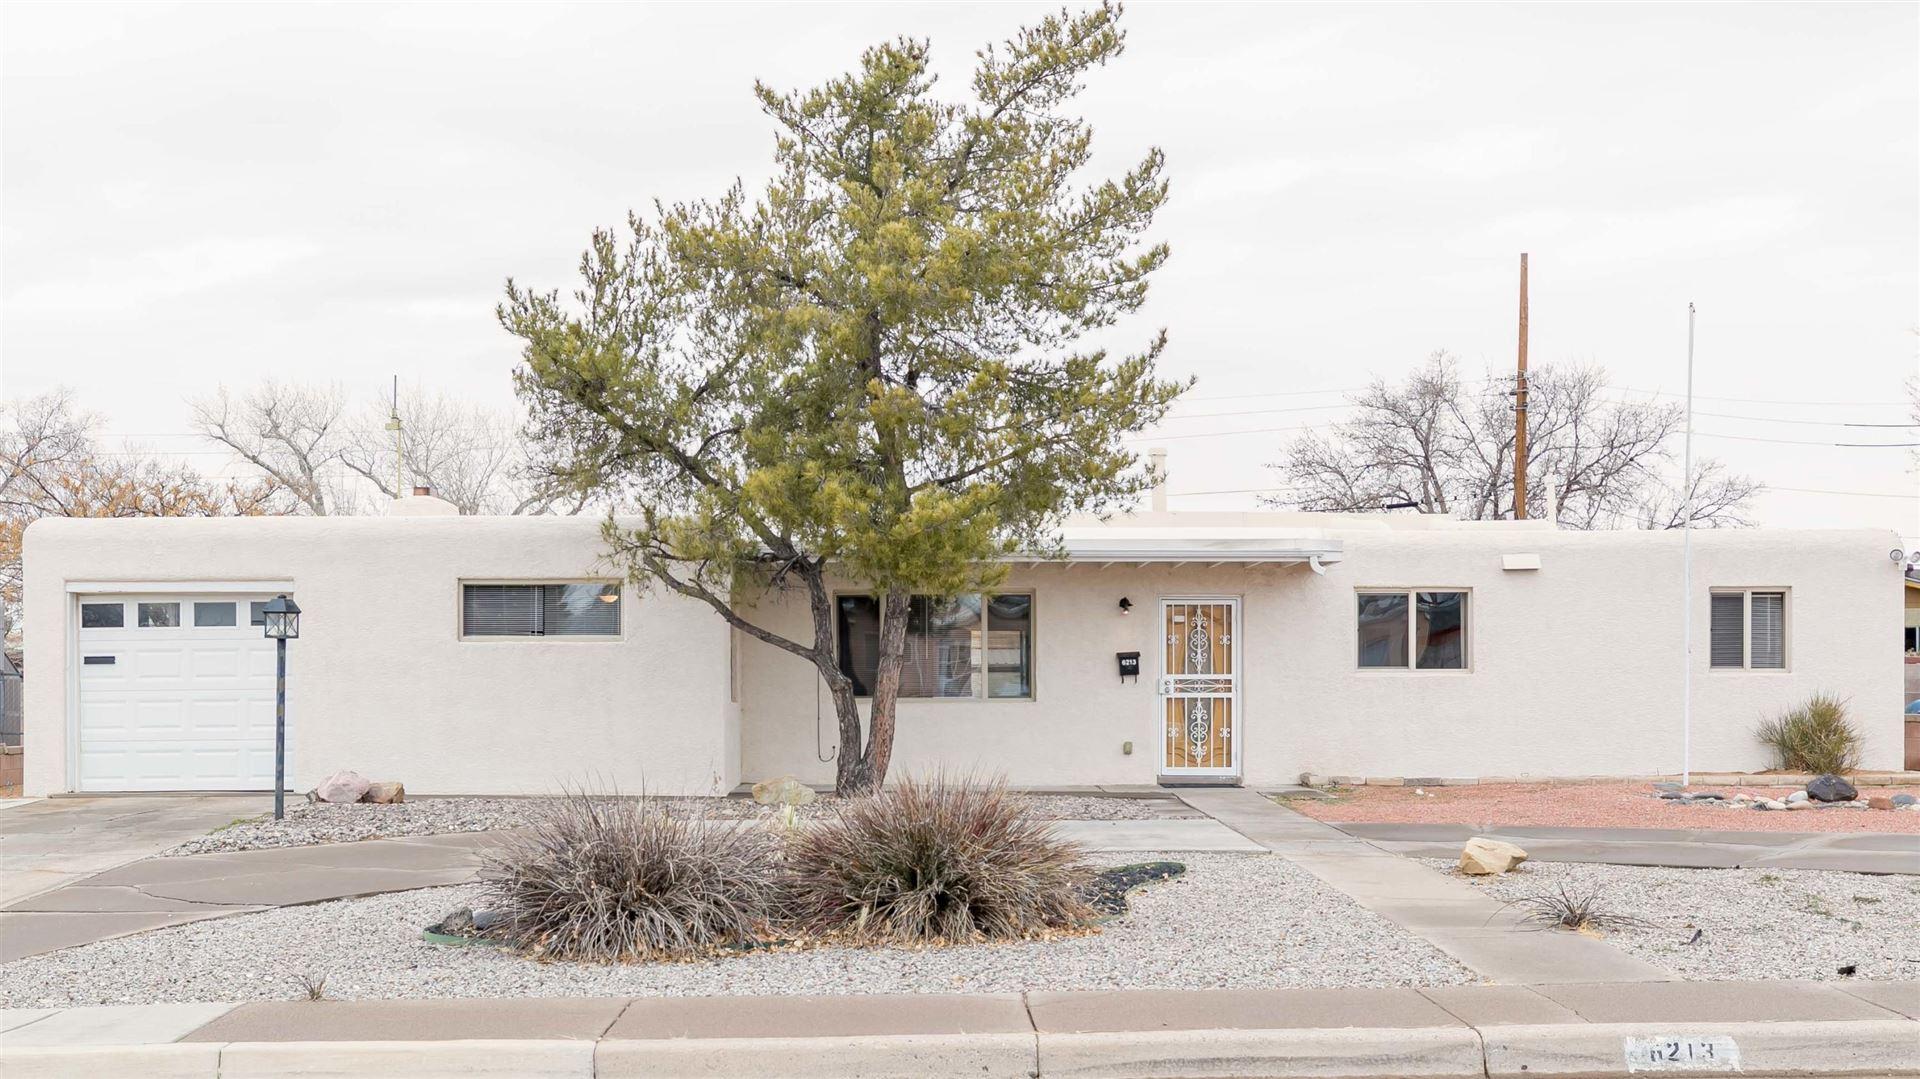 6213 AZTEC Road NE, Albuquerque, NM 87110 - MLS#: 984373